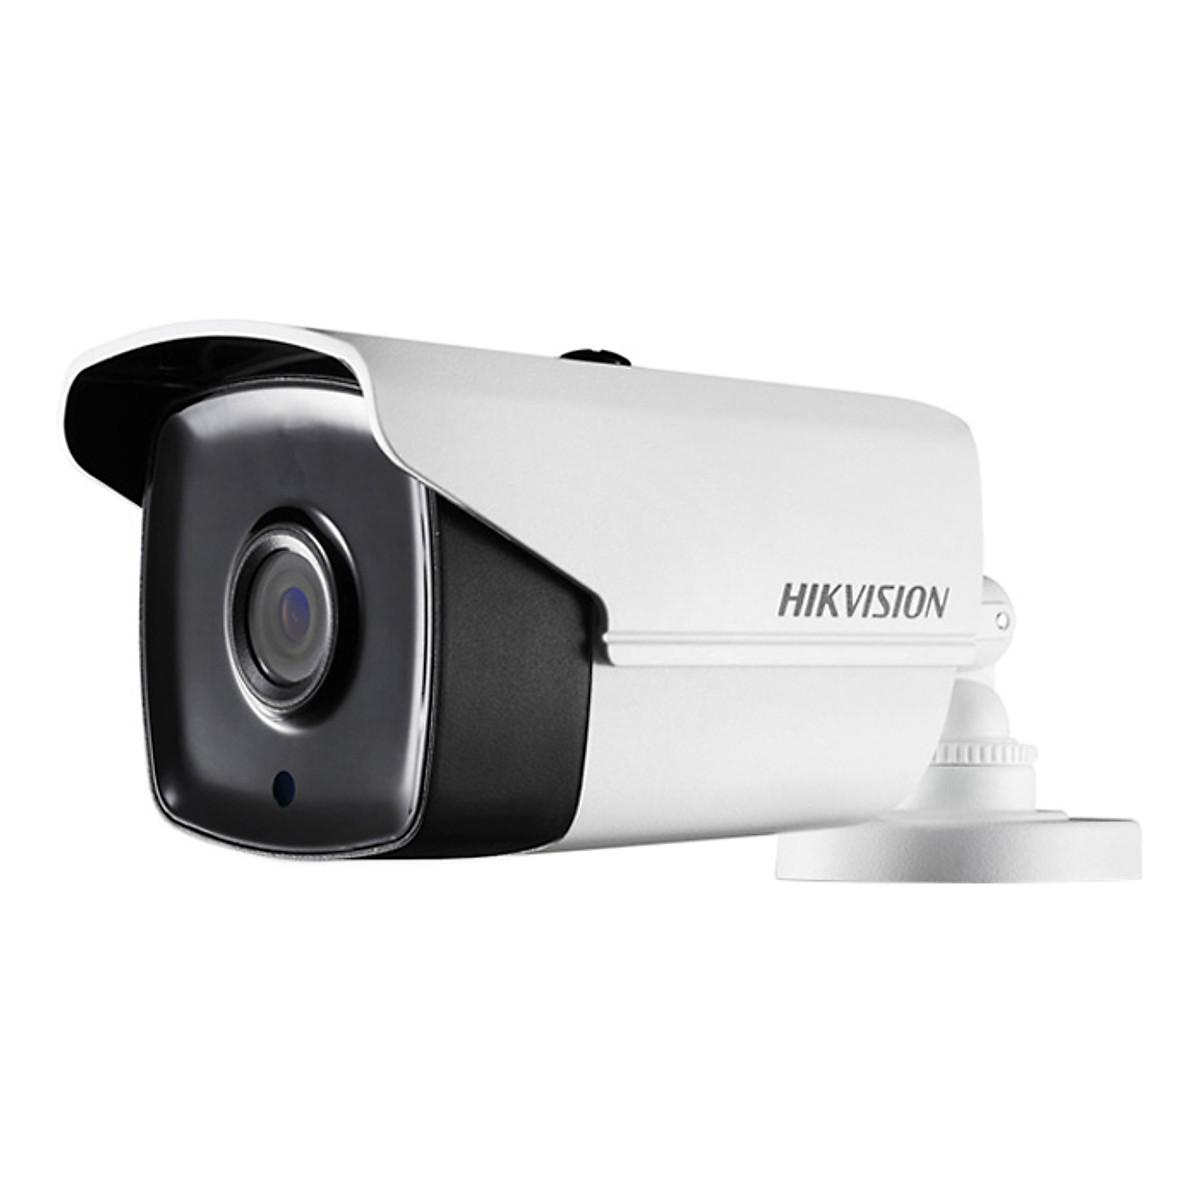 Camera TVI HIKVISION DS-2CE16C0T-IT5 1.0 Megapixel – Hàng Nhập Khẩu